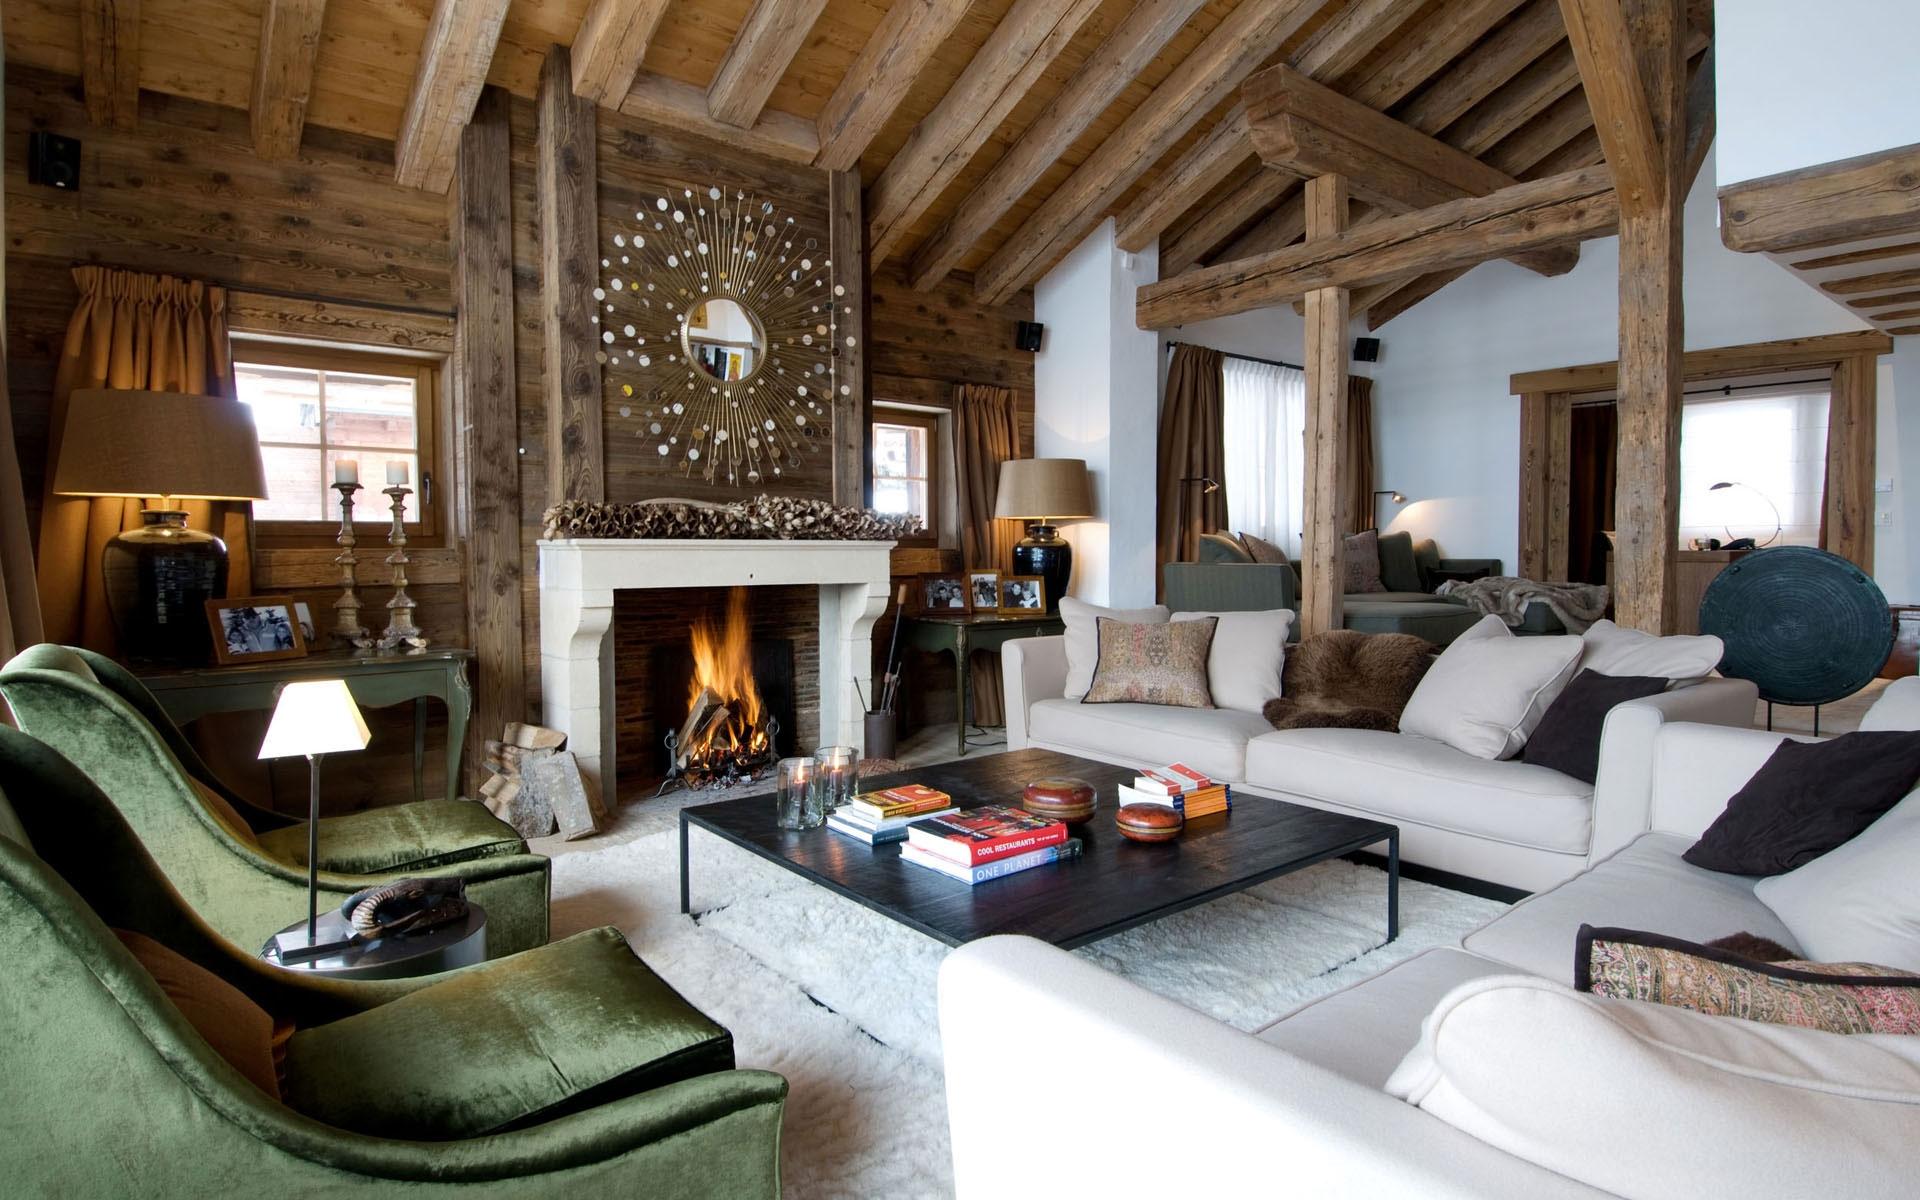 Дизайн интерьера гостиной комнаты в альпийском стиле 2019 года